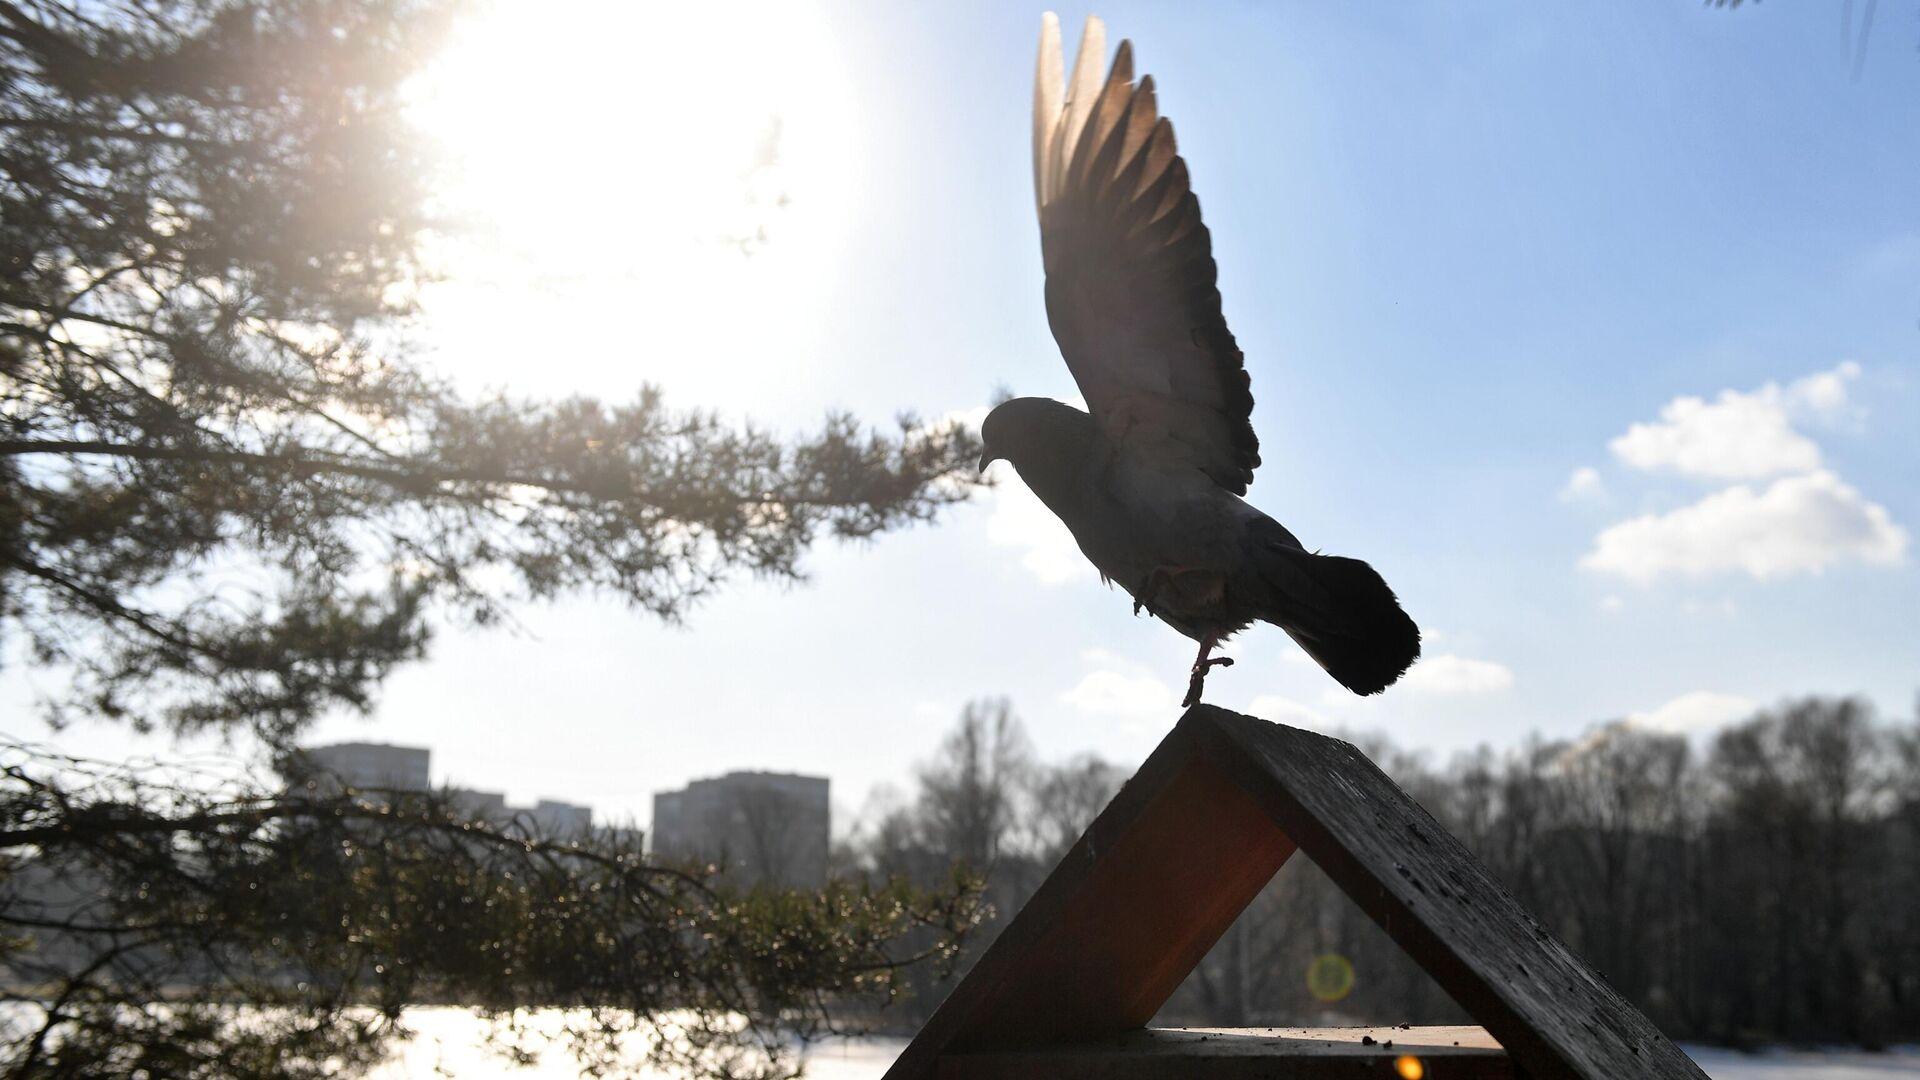 Голубь на кормушке для птиц в парке Дружбы в Москве - РИА Новости, 1920, 19.01.2021